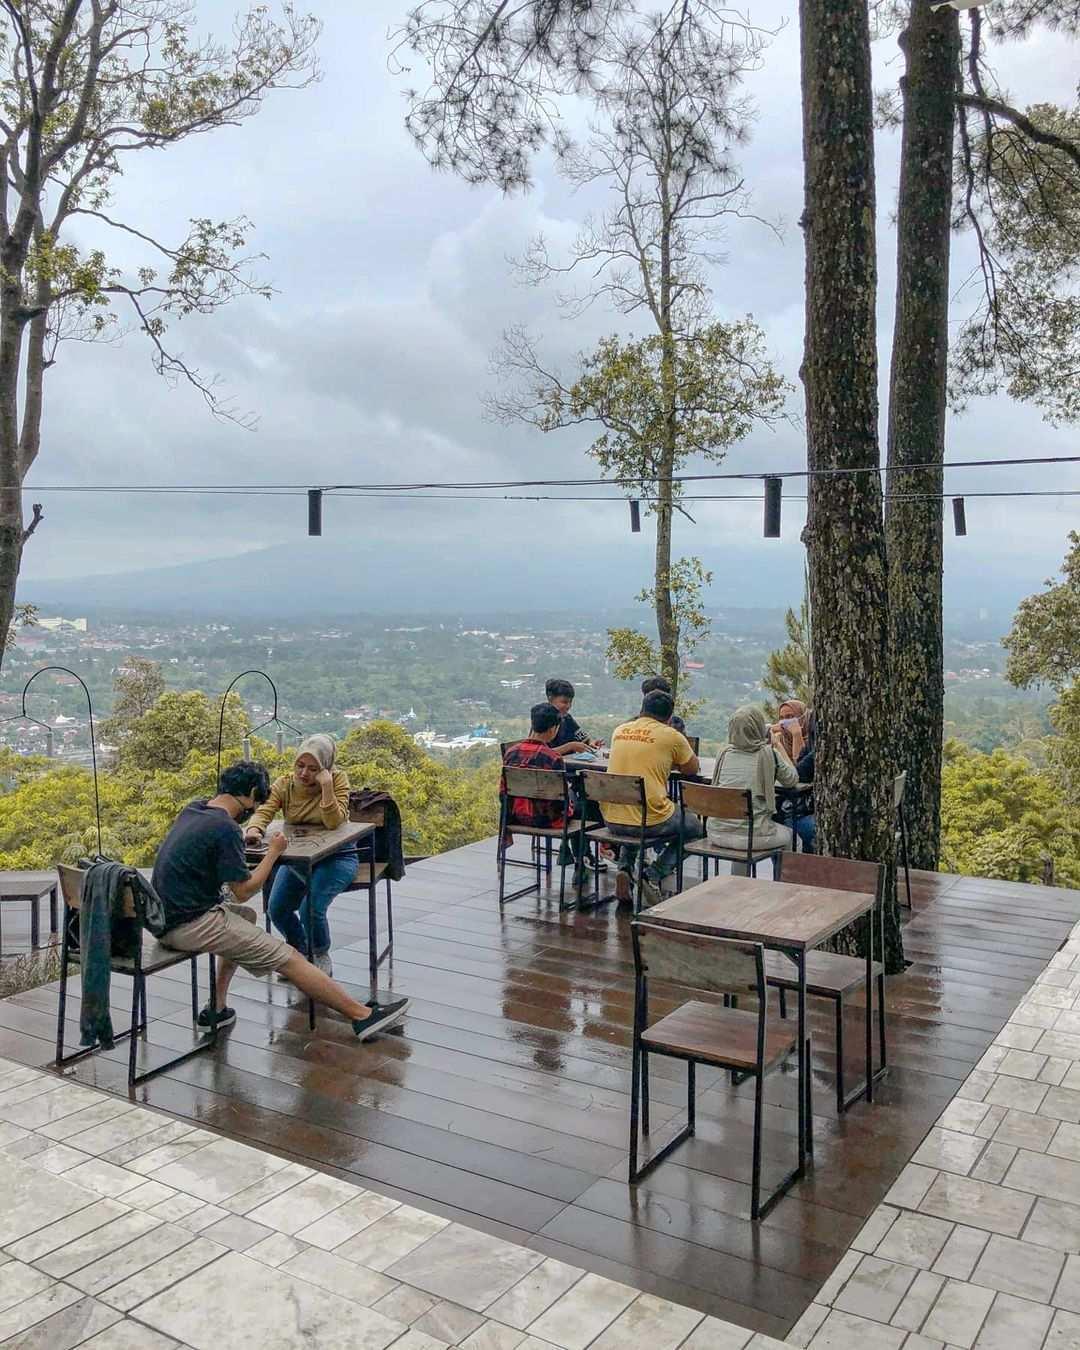 Nongkrong Sembari Menikmati Pemandangan di Cafe Pasir Angin bogor Image From @rizkisetiawant